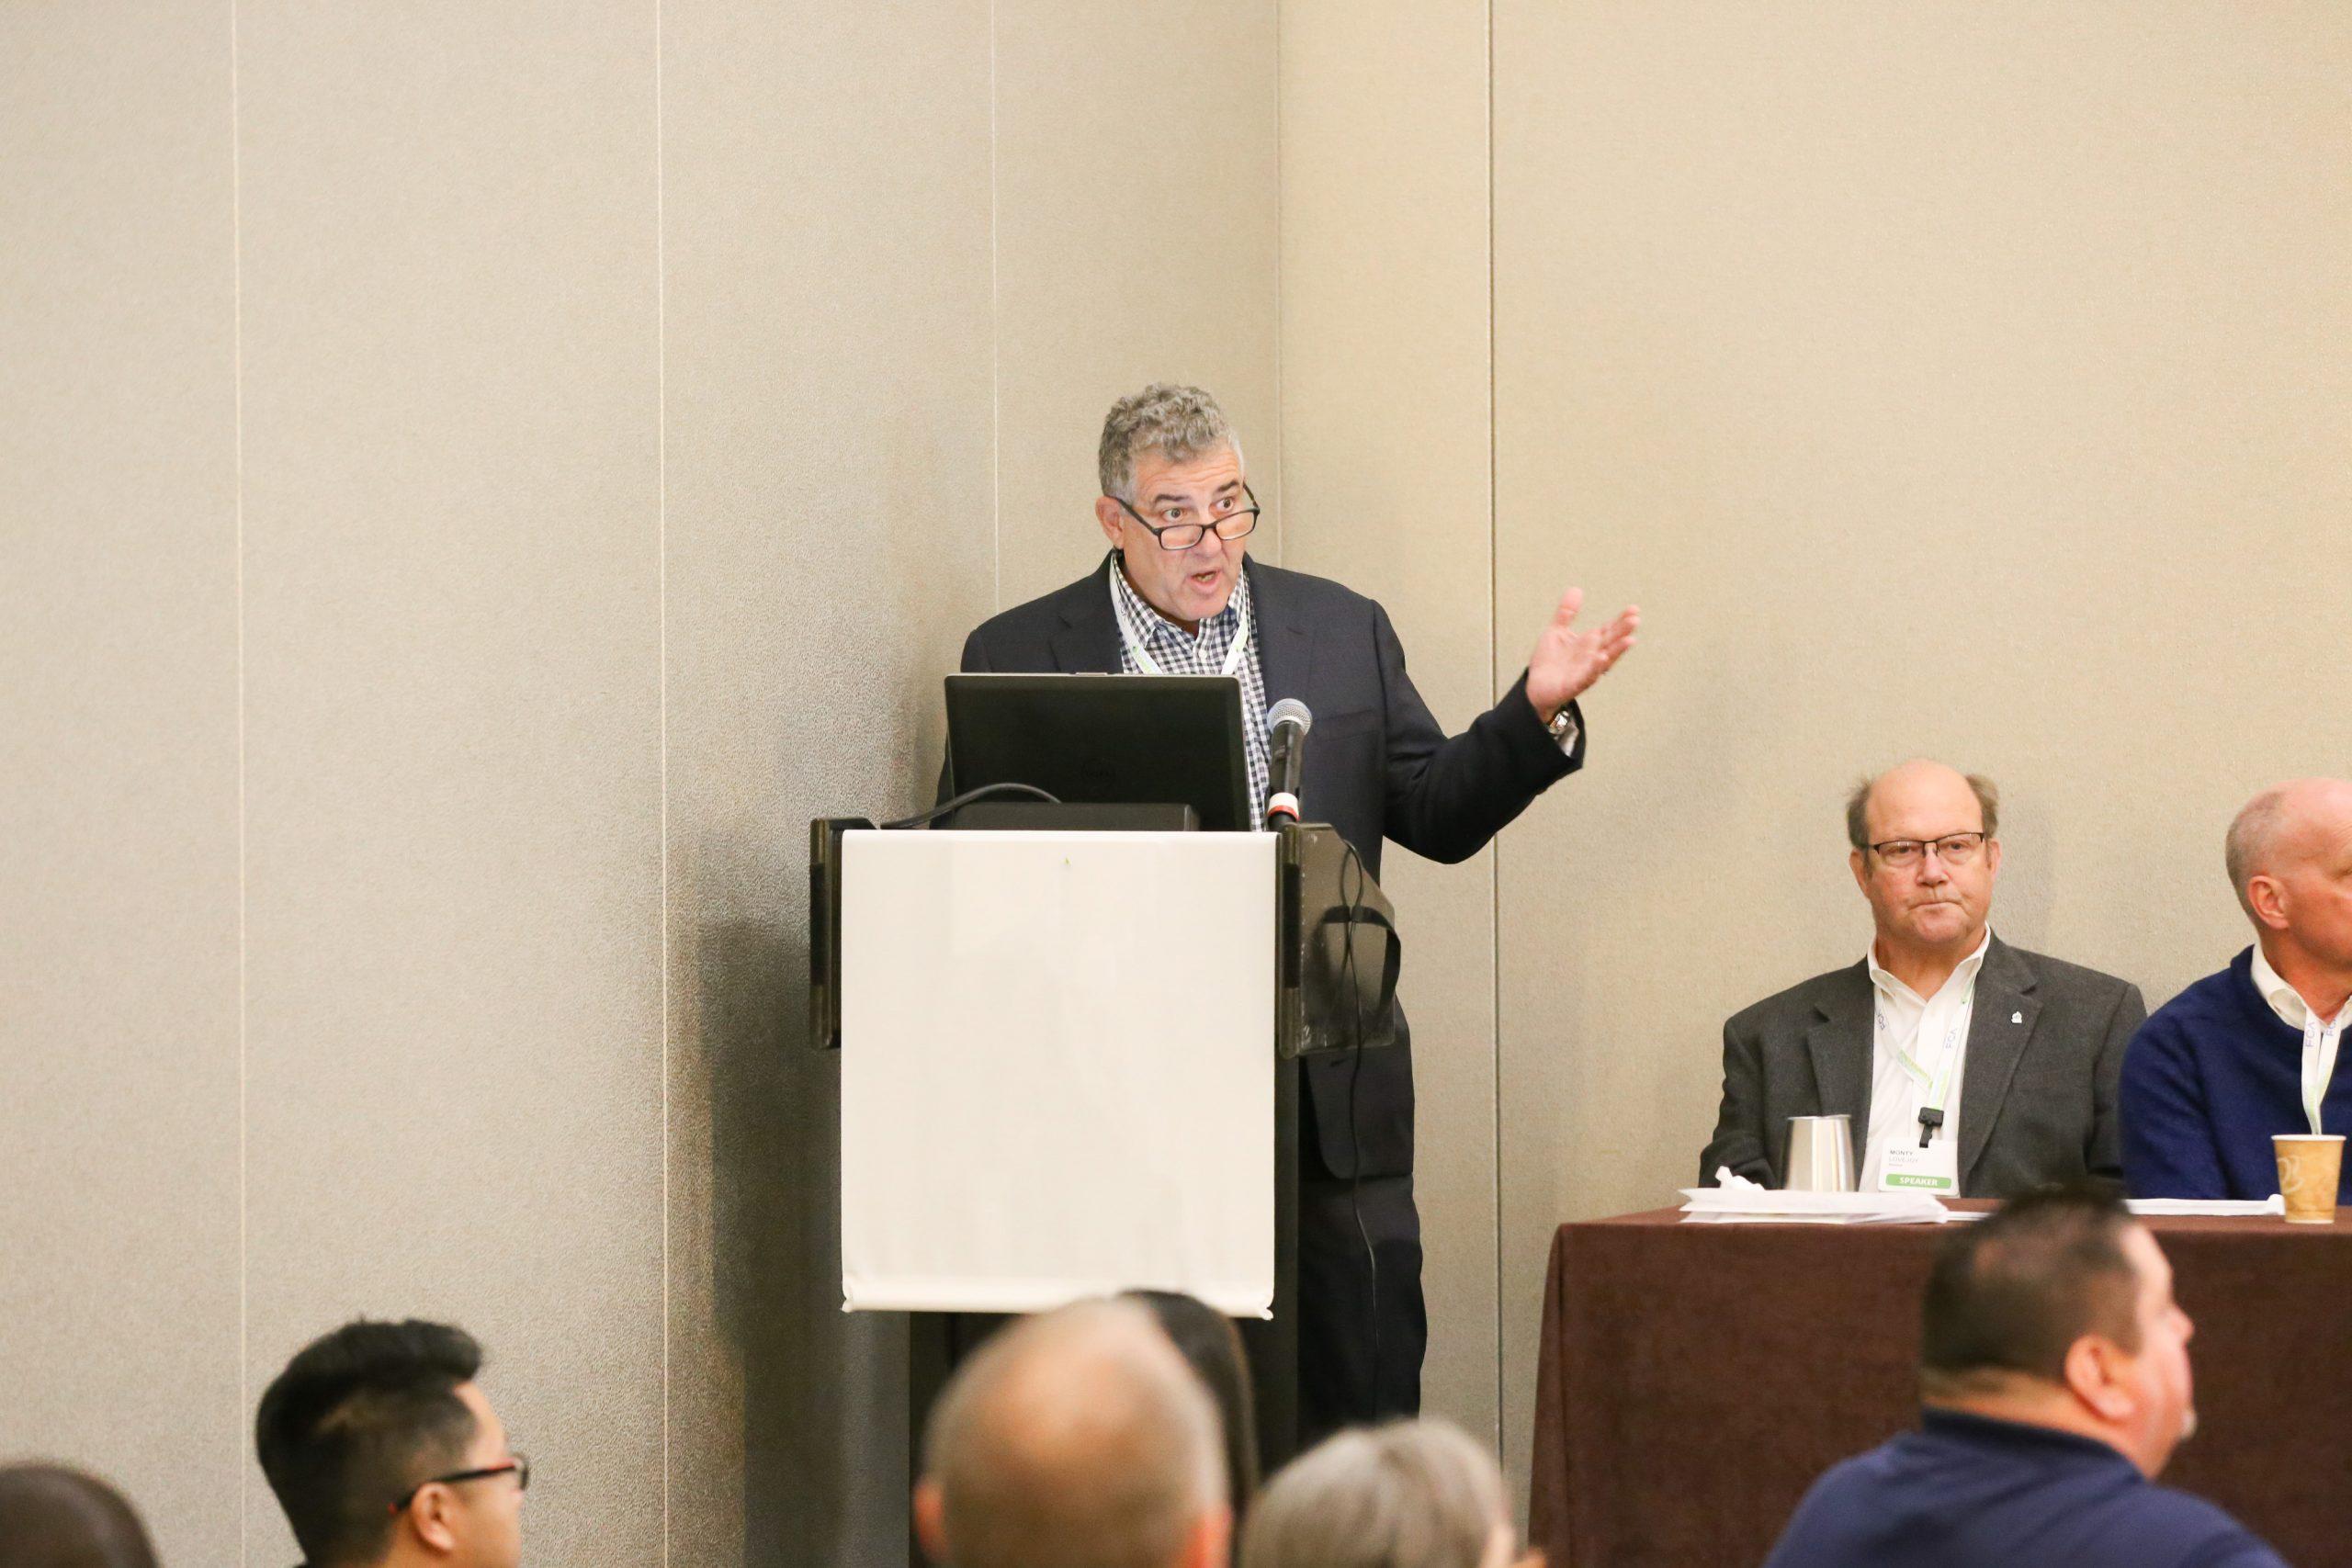 Dr. Mark Laska to Speak at NRD Conference